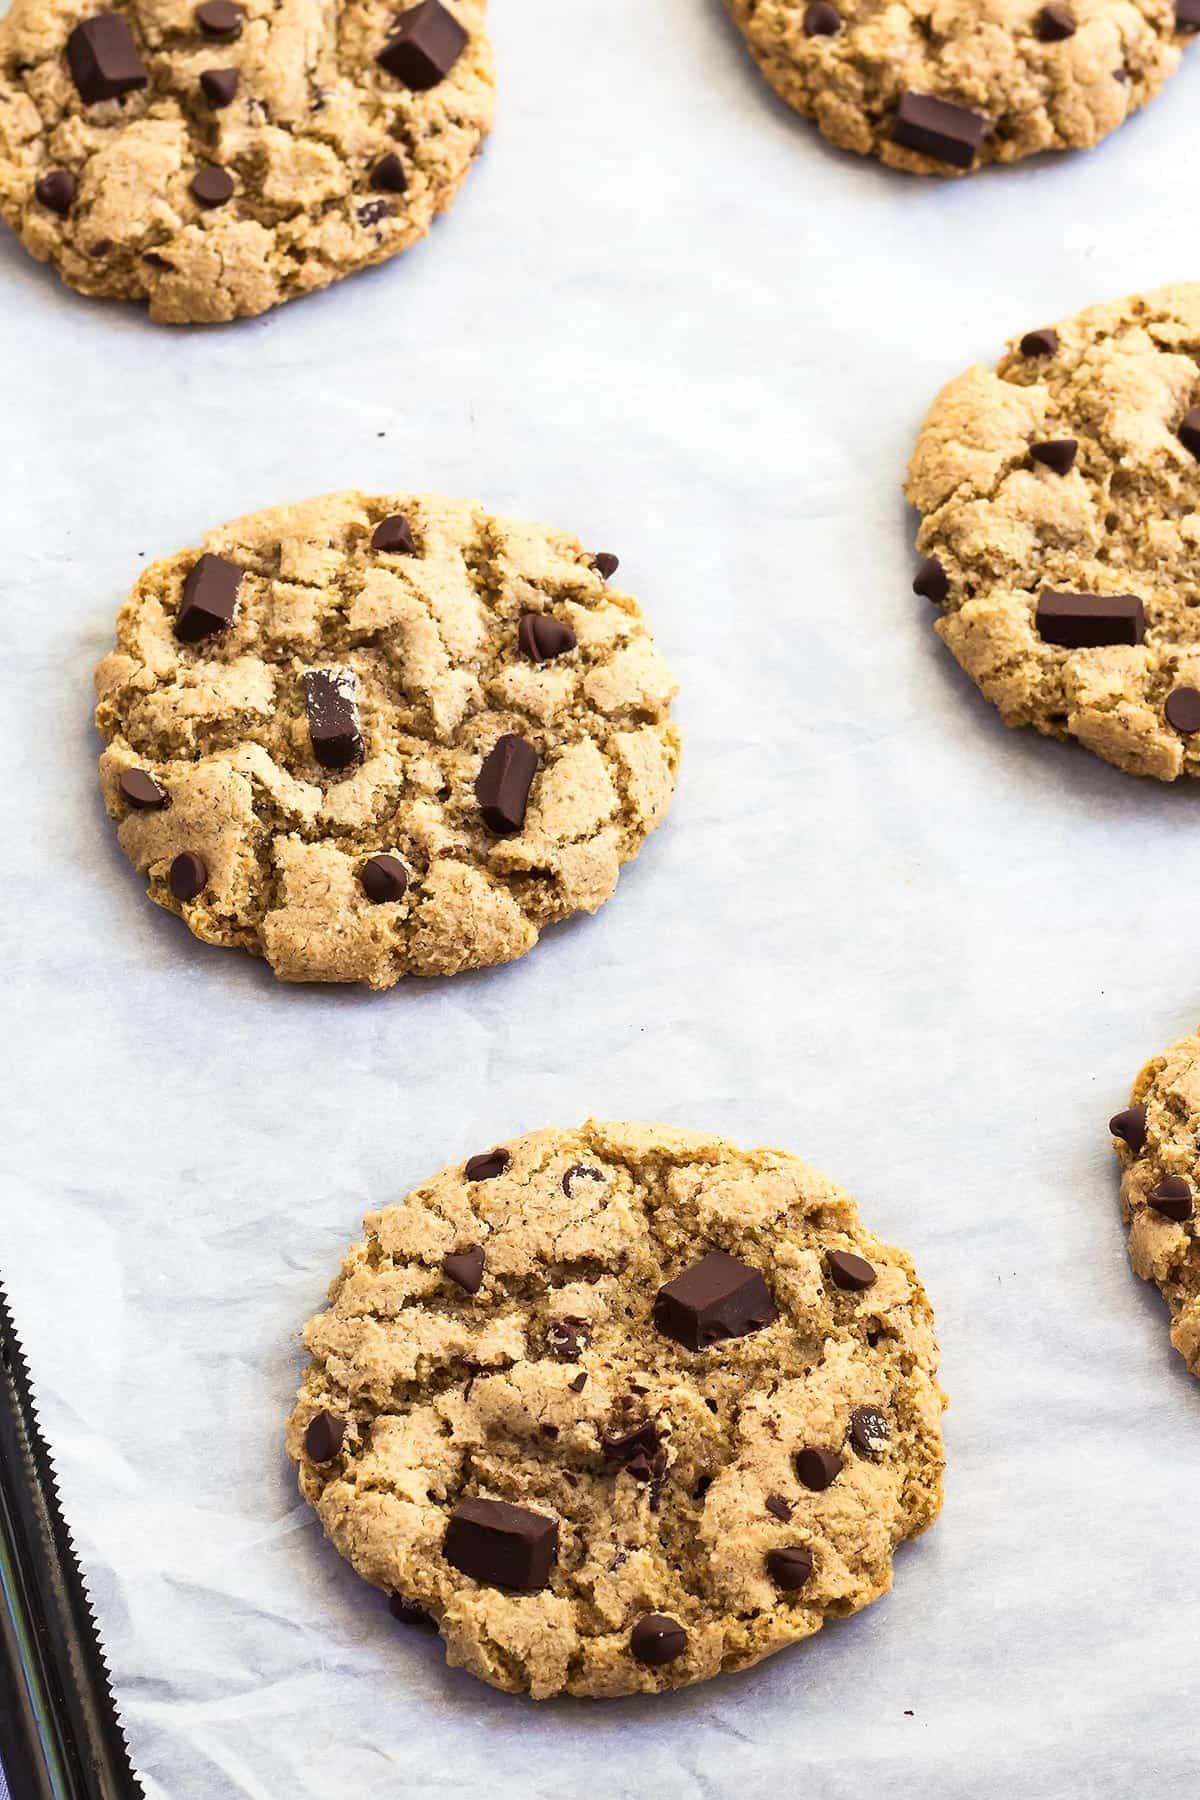 Baked Tigernut Flour Cookies